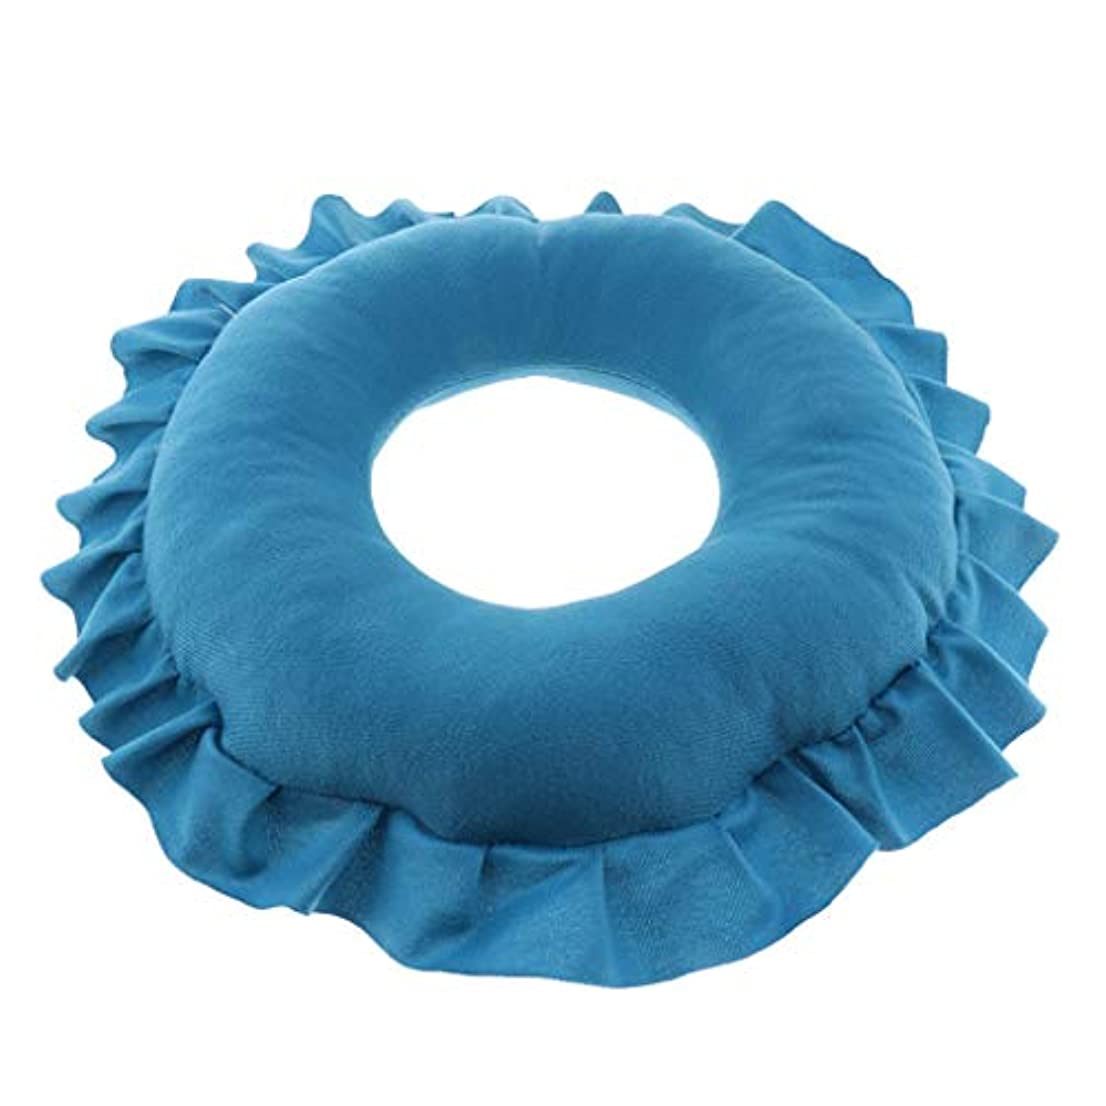 教え単独で因子P Prettyia 顔マク フェイスマット マッサージ枕 顔枕 ラウンド 直径30cm 洗える 柔らかい 快適 全4色 - 青